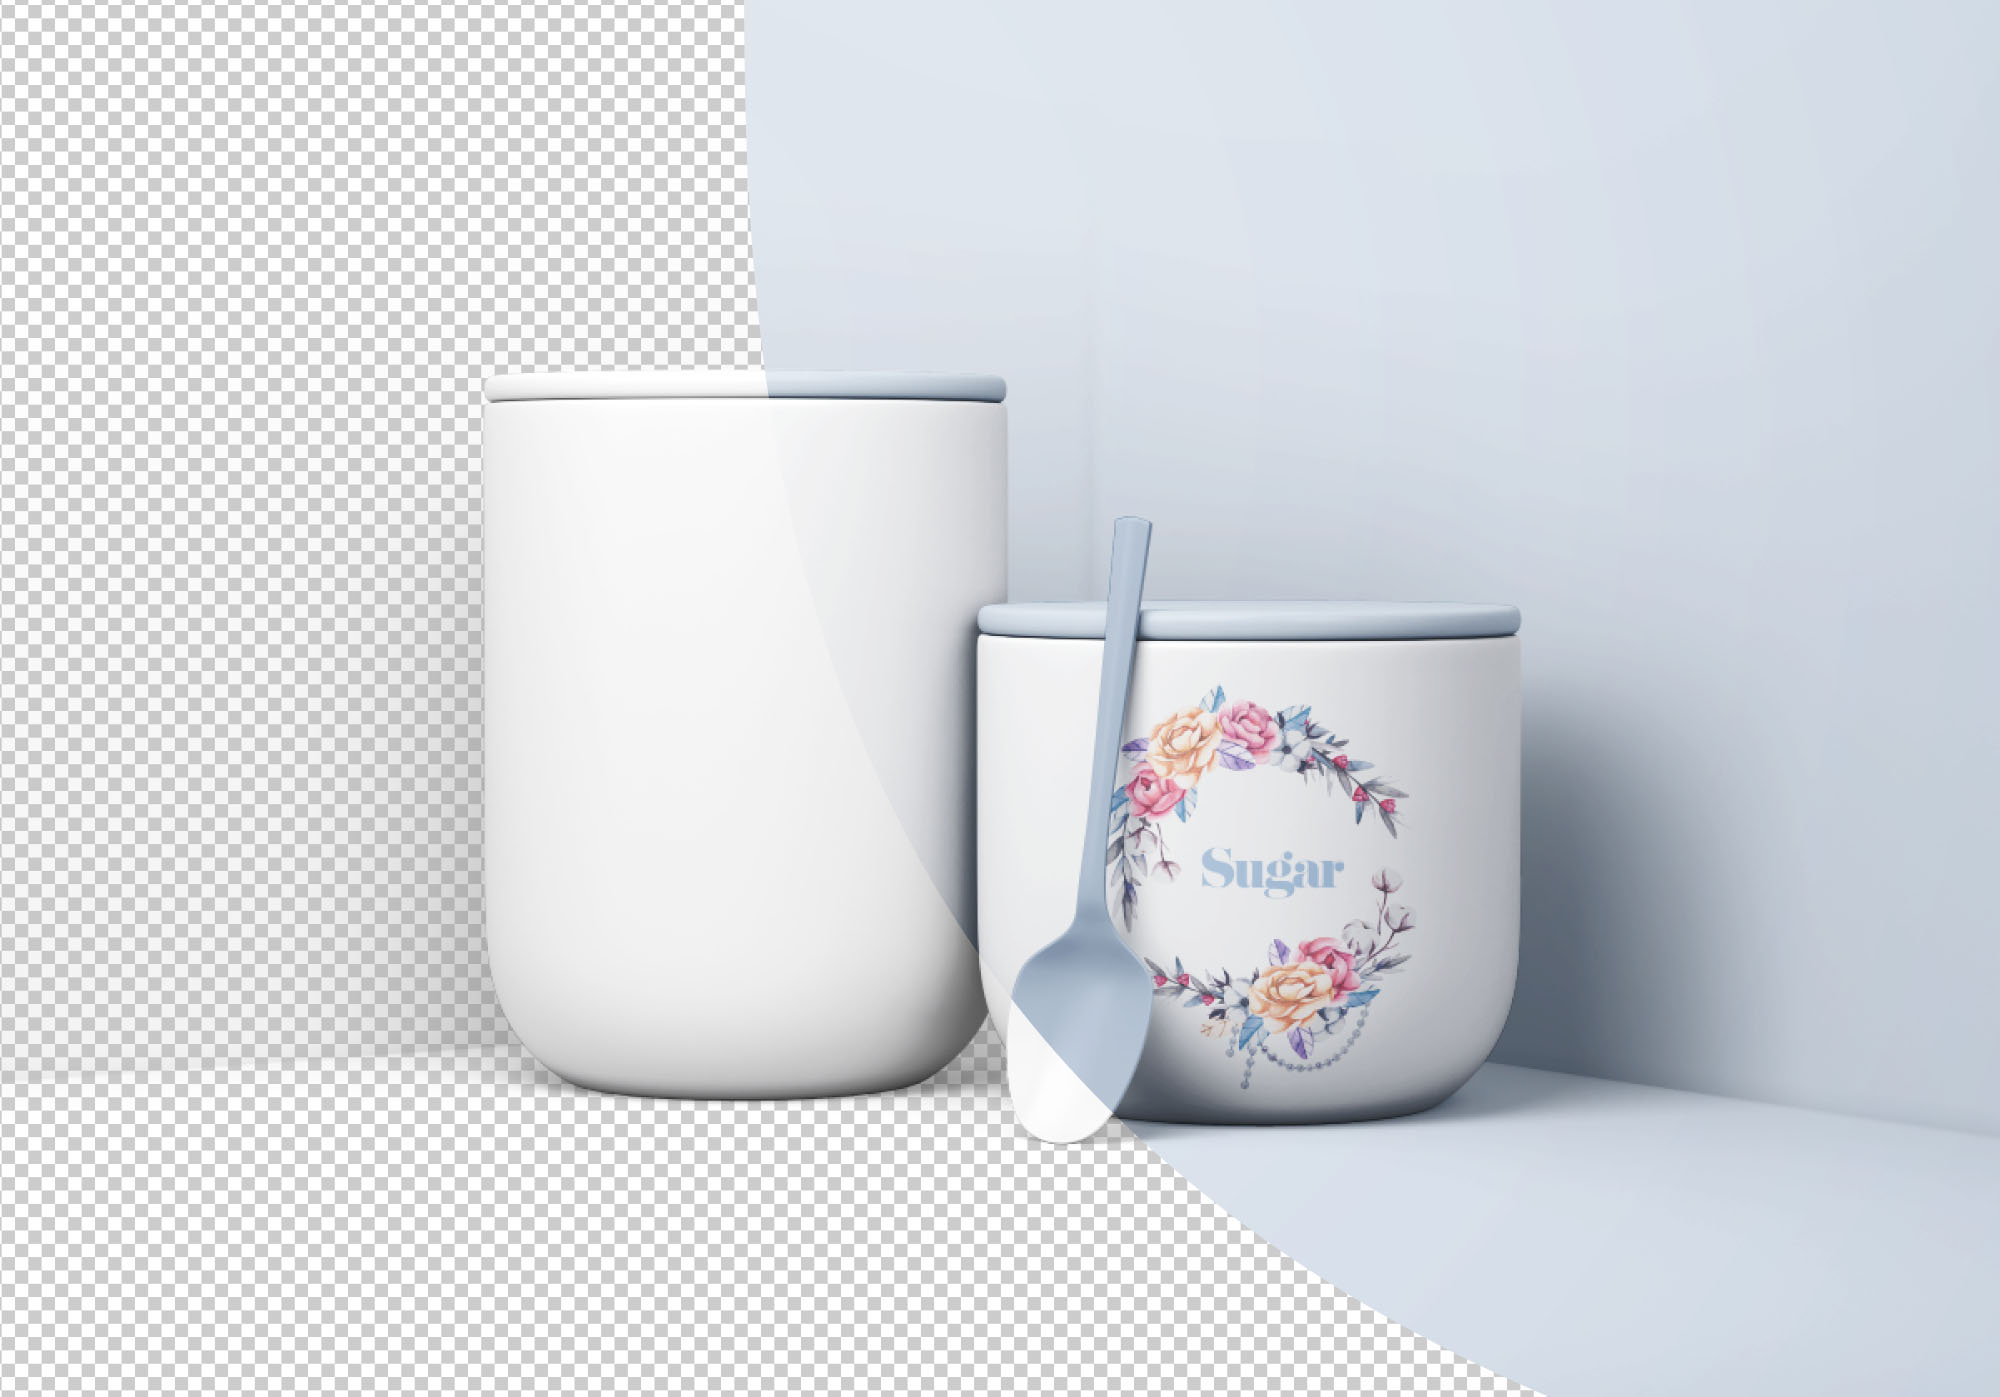 Minimal Jars with Spoon Mockup - Transparent